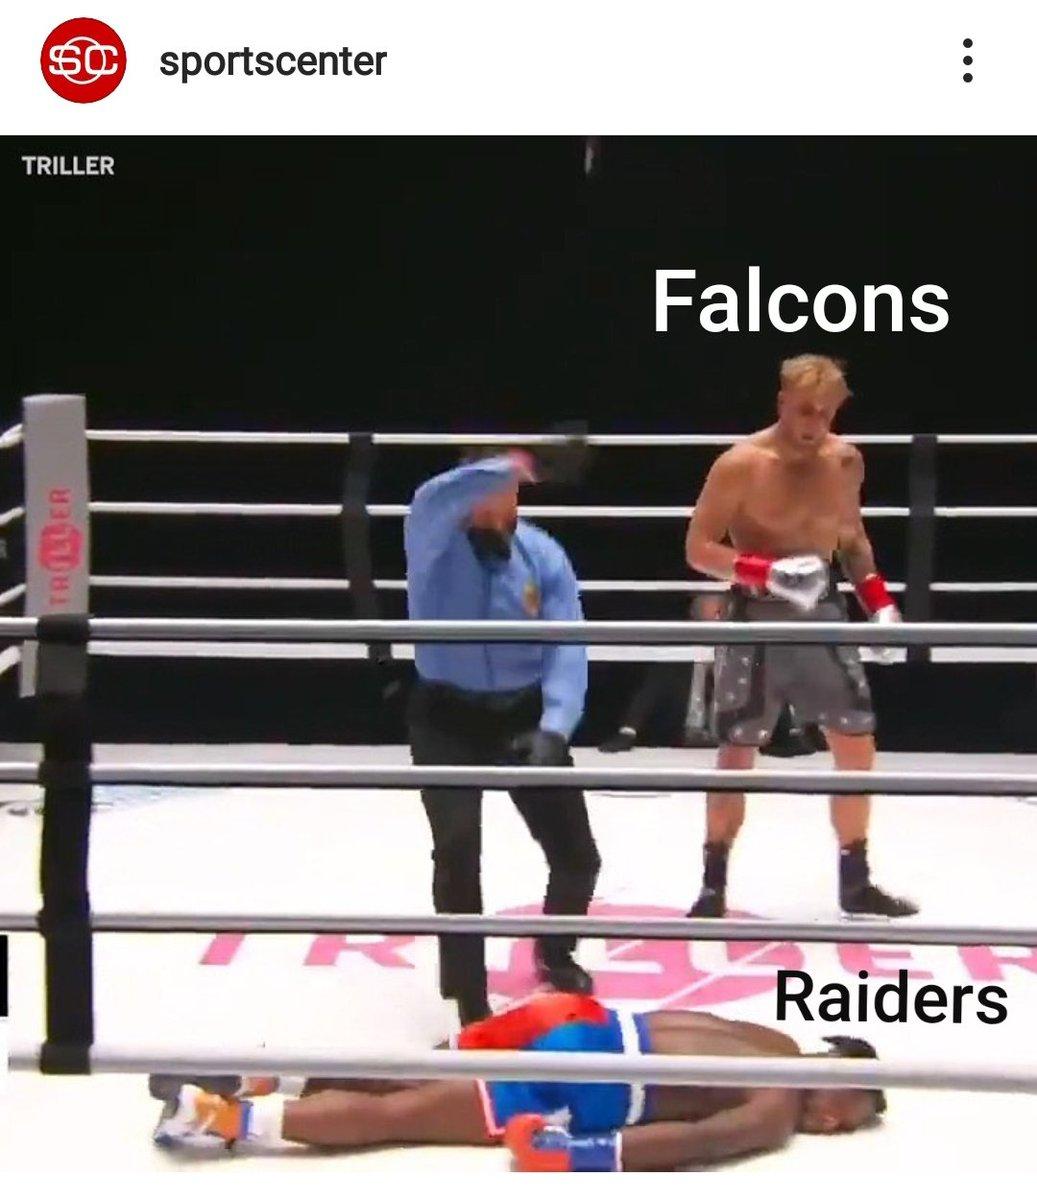 Well, it's true. 😳 ... #vegas #lasvegas @Raiders #RaiderNation #tko